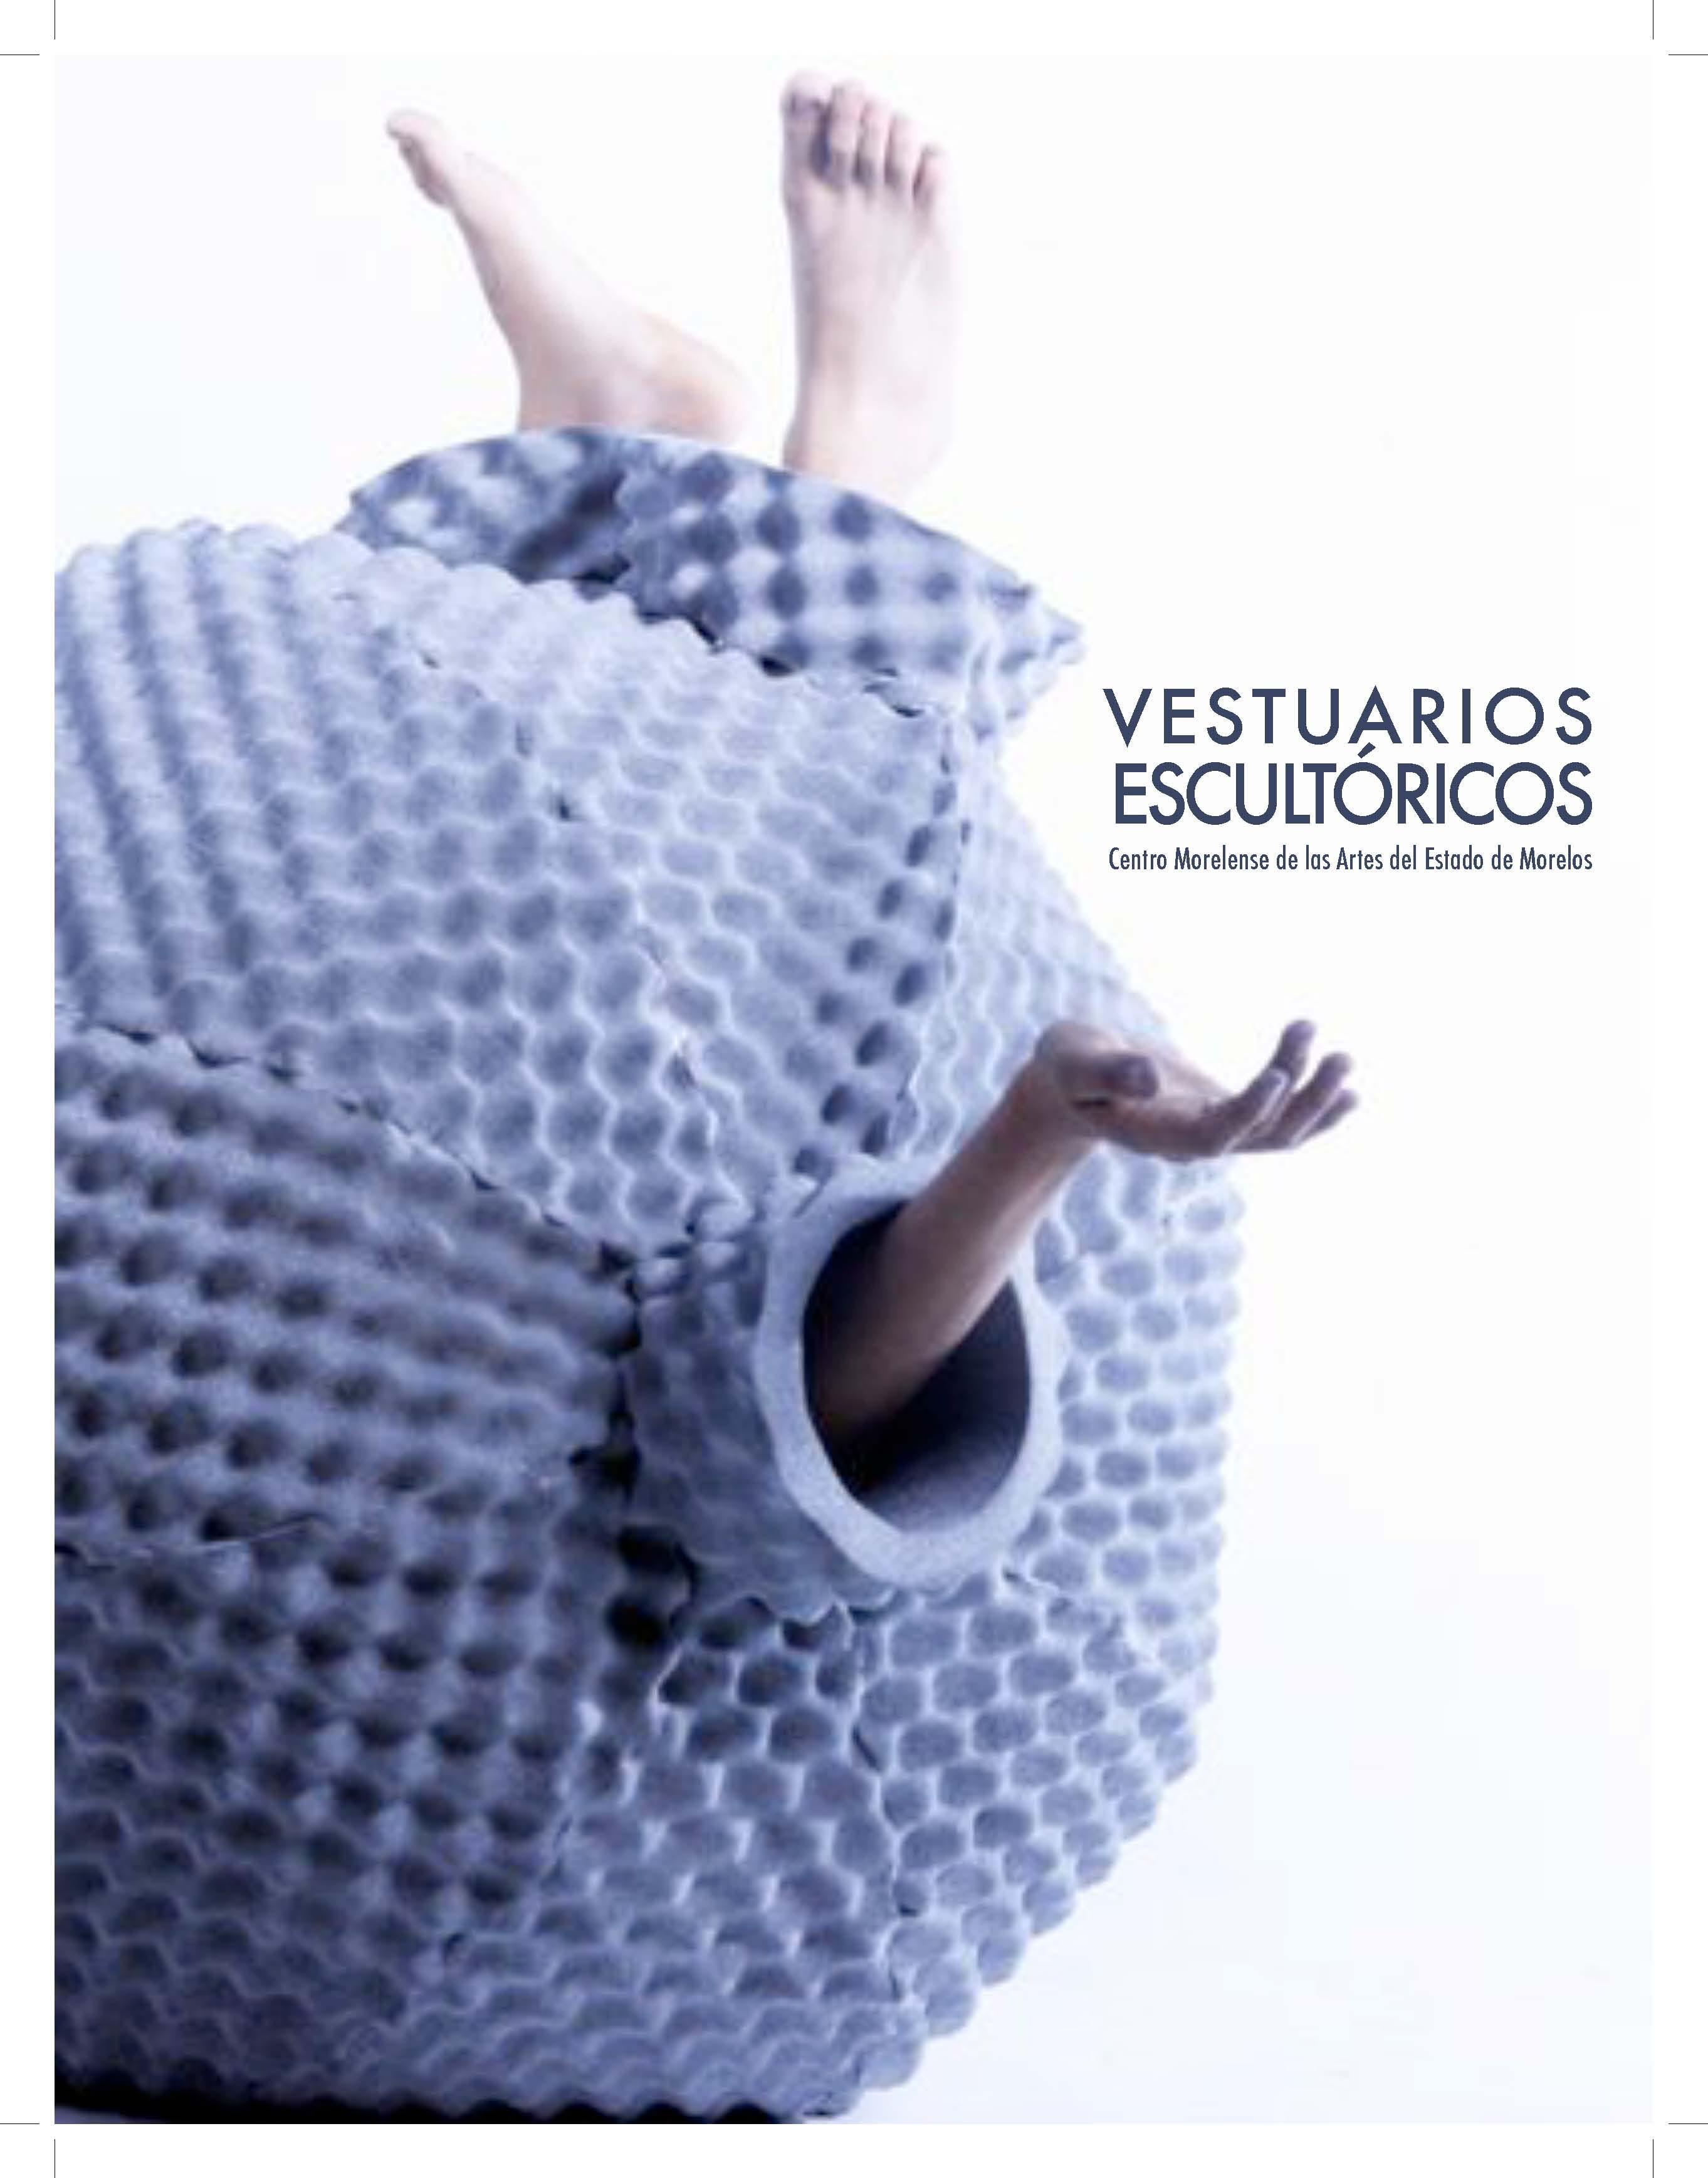 2010 PDF catalogo vestuarios escultoricos_Página_01.jpg